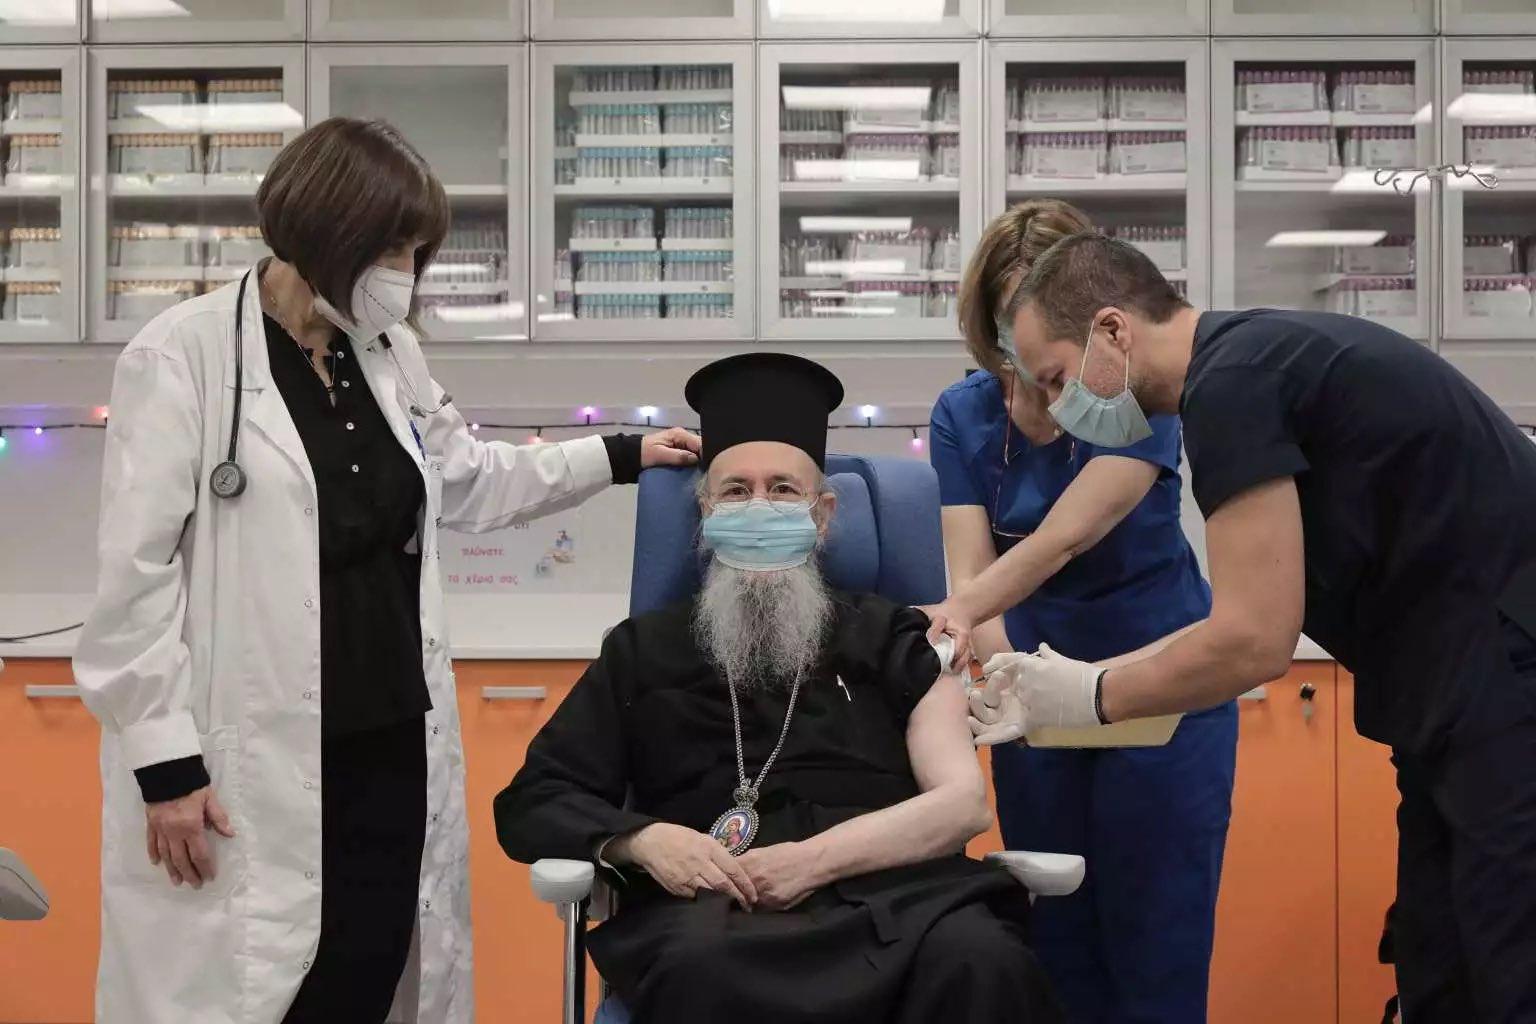 Ο Μητροπολίτης Ναυπάκτου Ιερόθεος έκανε το εμβόλιο για τον κορωνοϊό